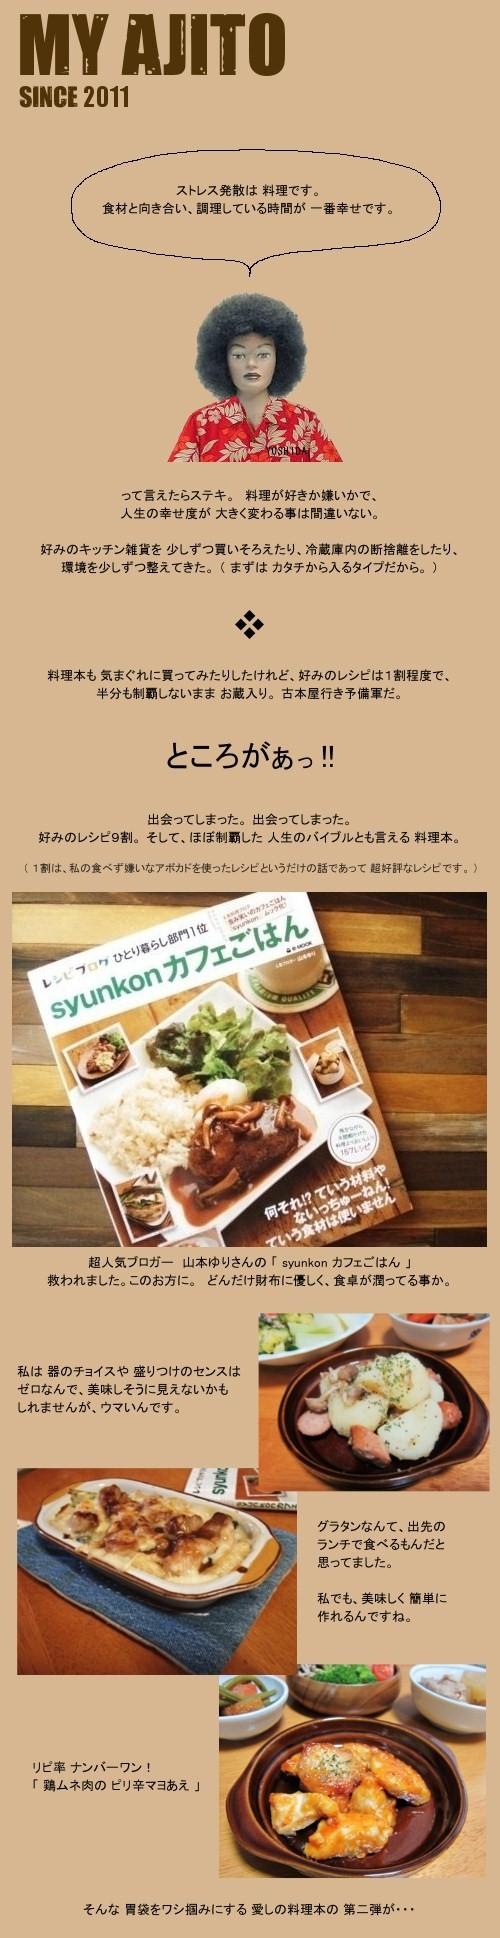 syunkon2_01.jpg